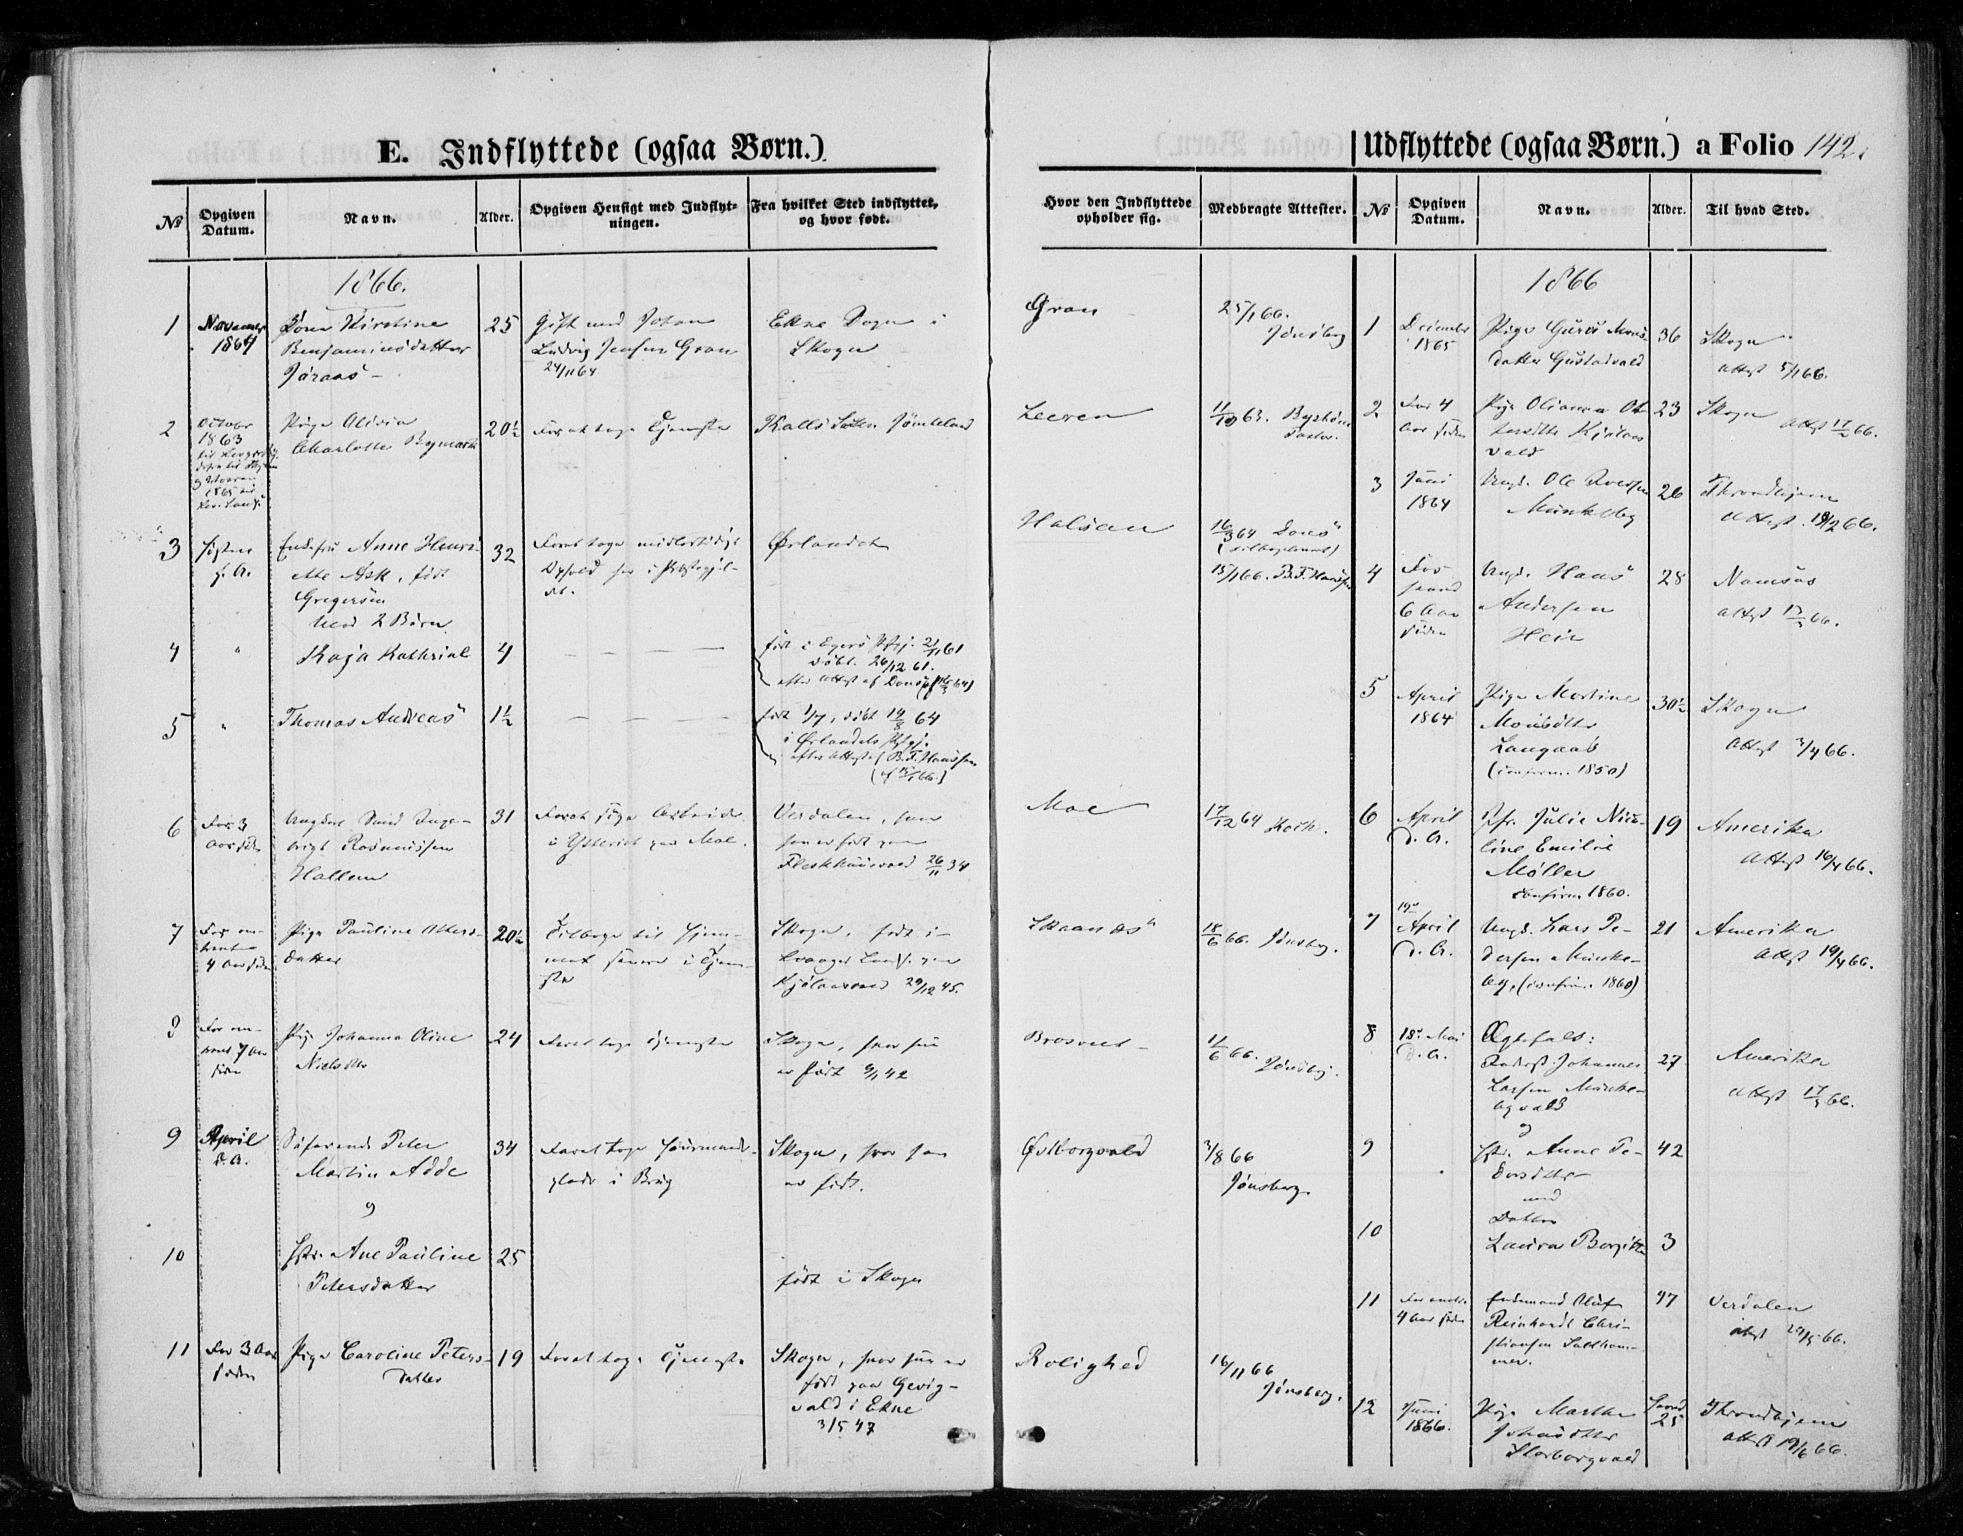 SAT, Ministerialprotokoller, klokkerbøker og fødselsregistre - Nord-Trøndelag, 721/L0206: Ministerialbok nr. 721A01, 1864-1874, s. 142